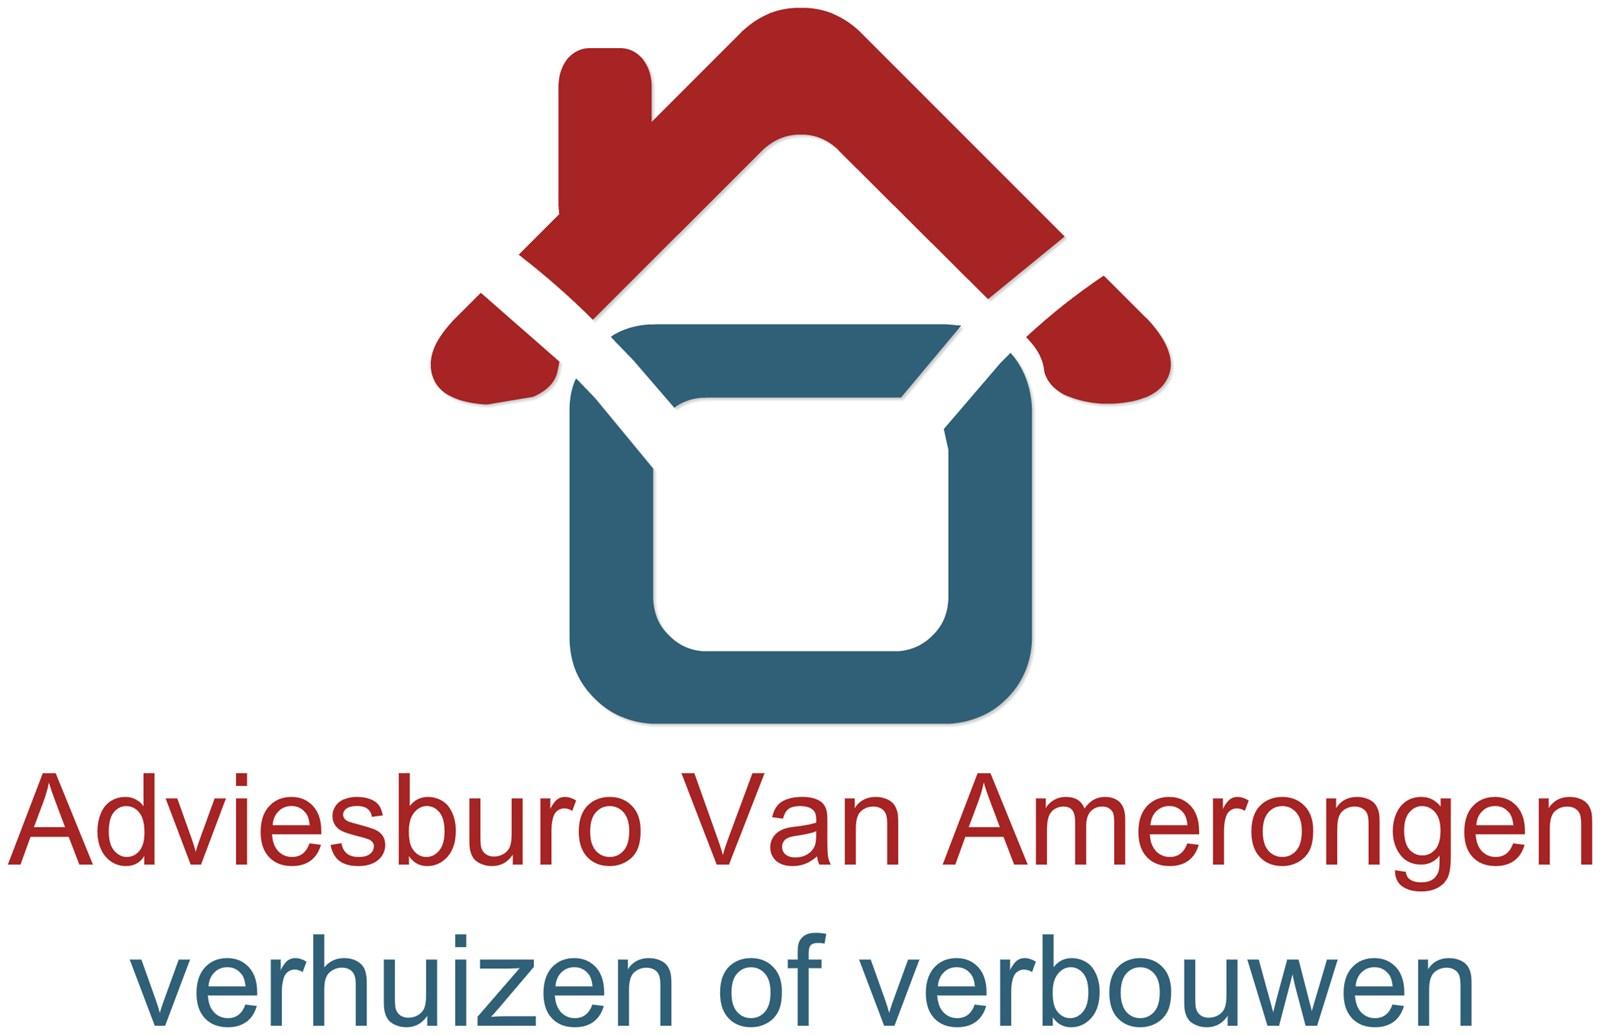 Afbeelding van Adviesburo Van Amerongen